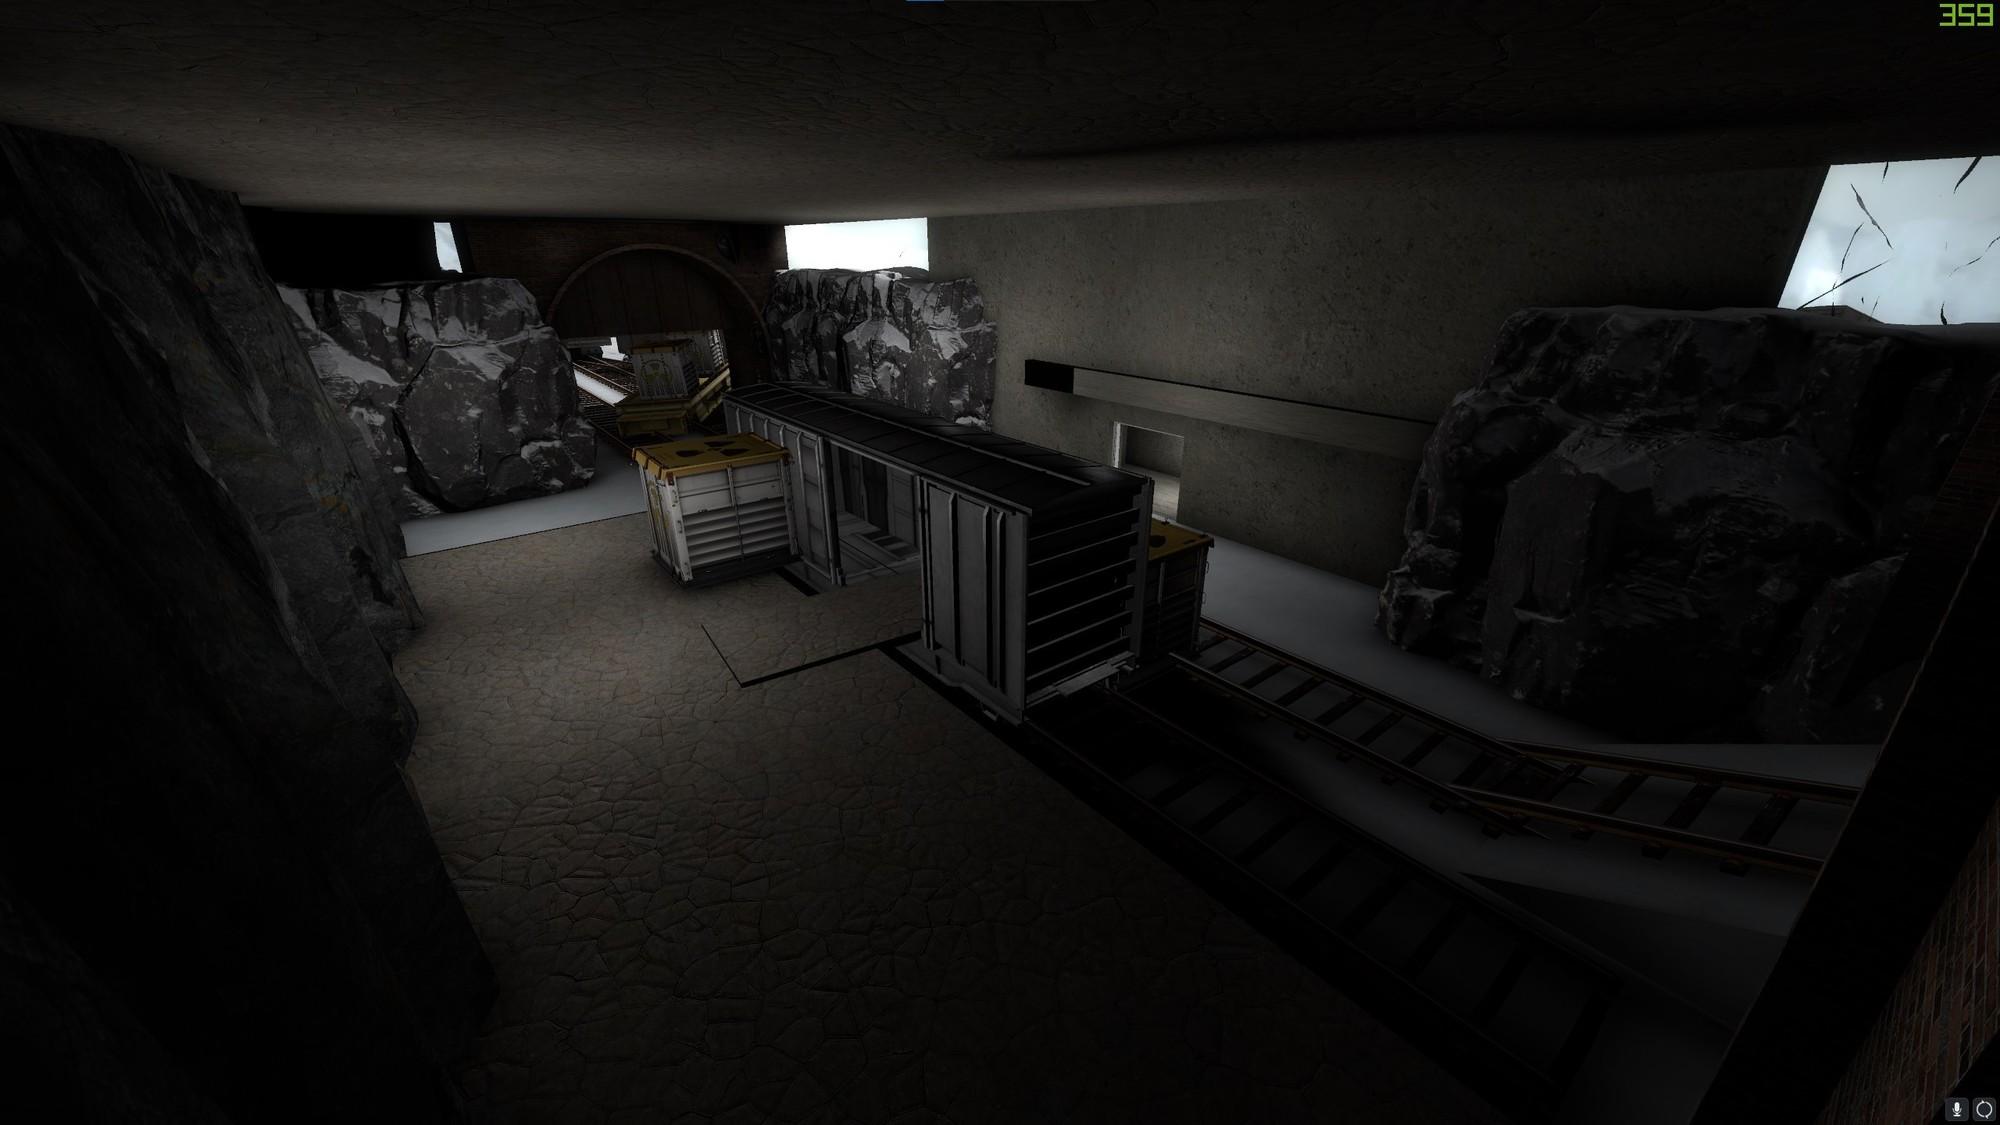 Screenshot 2021-04-03 191955.jpg